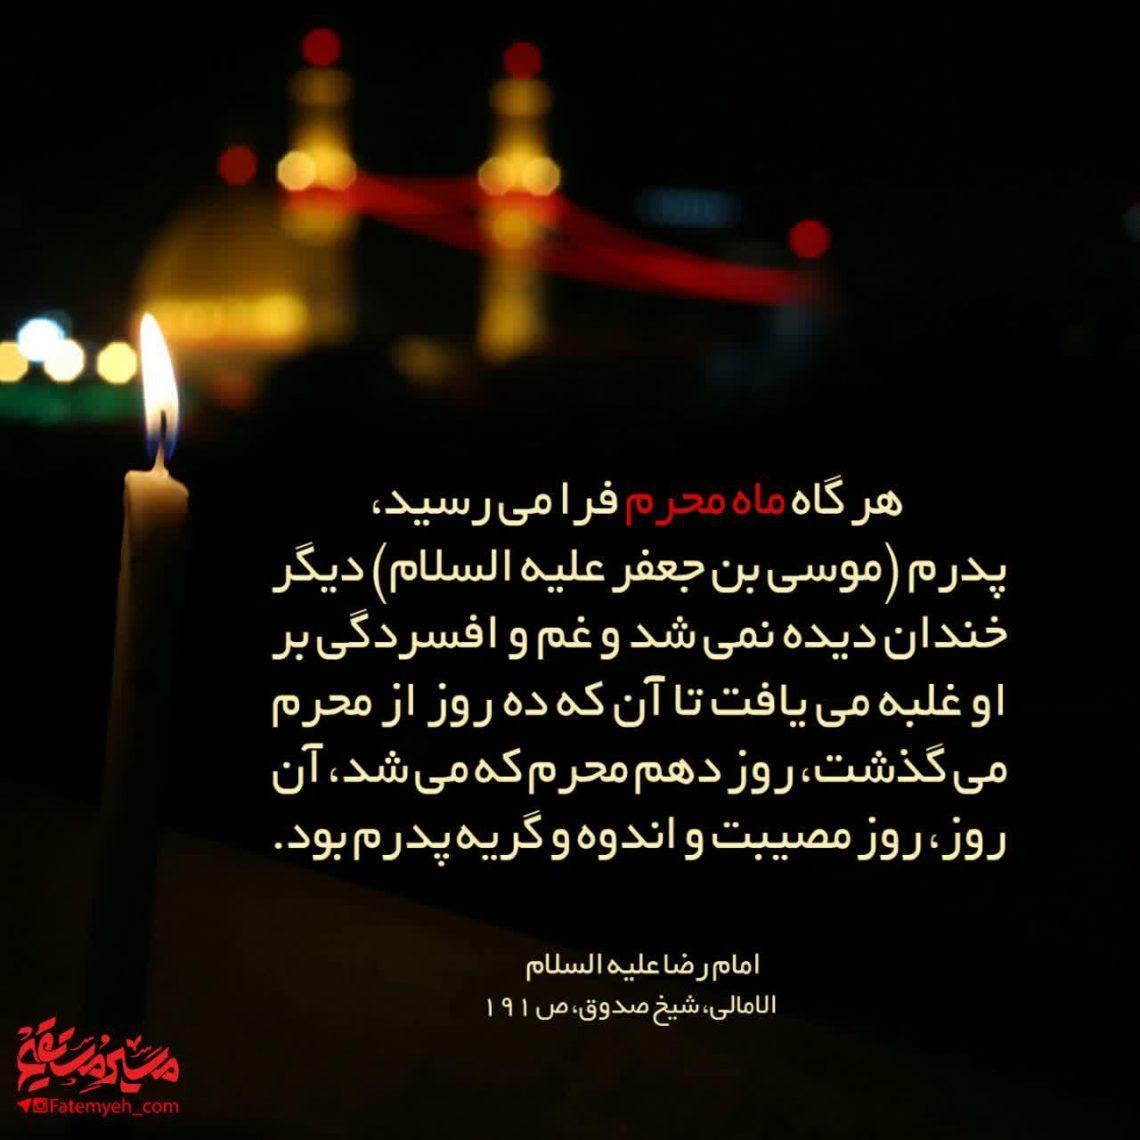 عزاداری معصومین برای امام حسین علیهالسلام